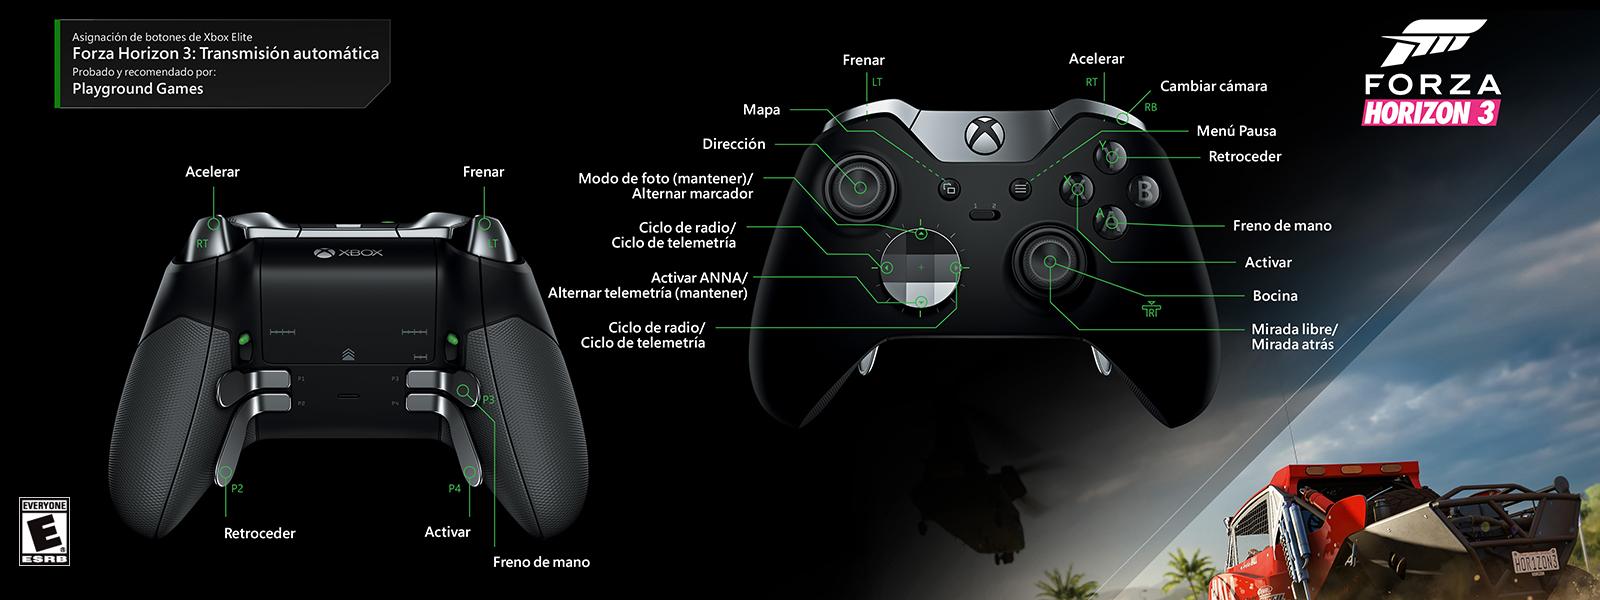 Forza Horizon 3: transmisión automática (asignación de funciones del control Elite)